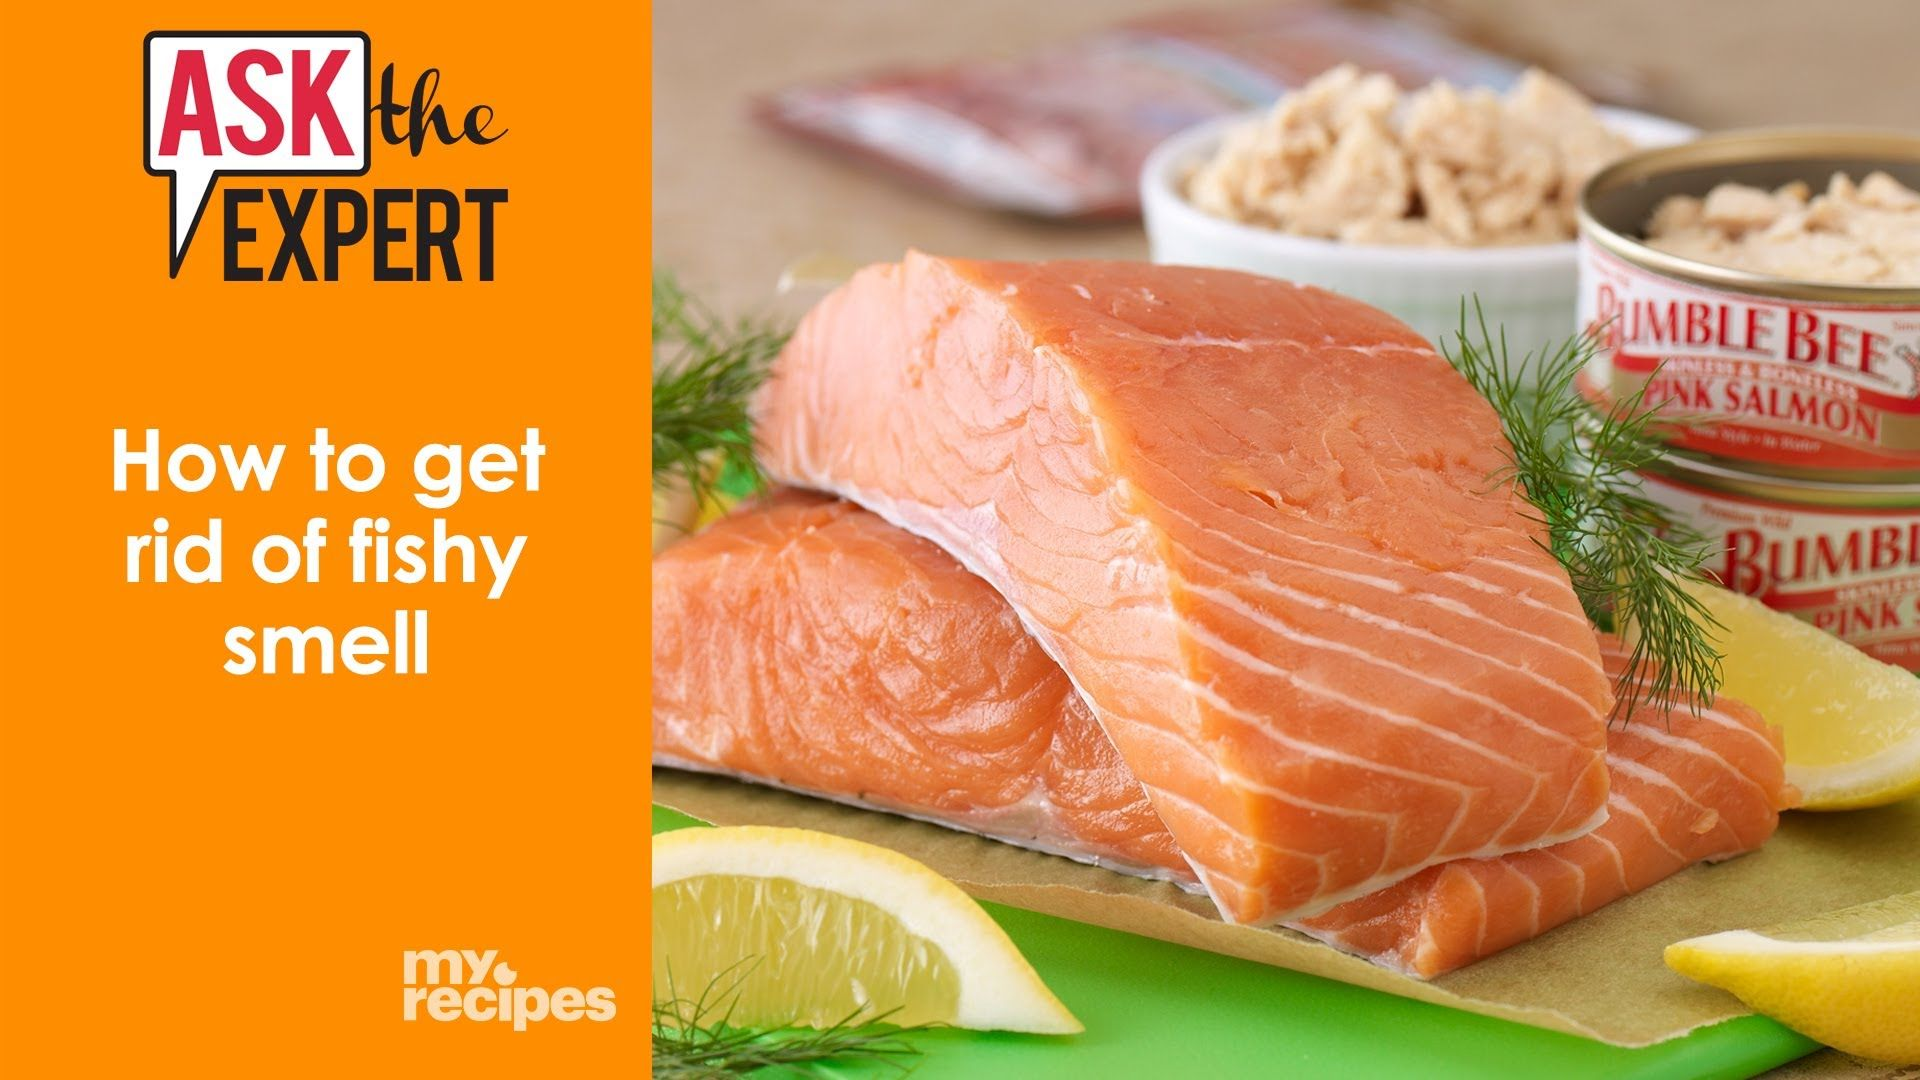 f72e56eb699afa3ea29b74c4d312cb01 - How To Get Rid Of Fishy Taste In Salmon